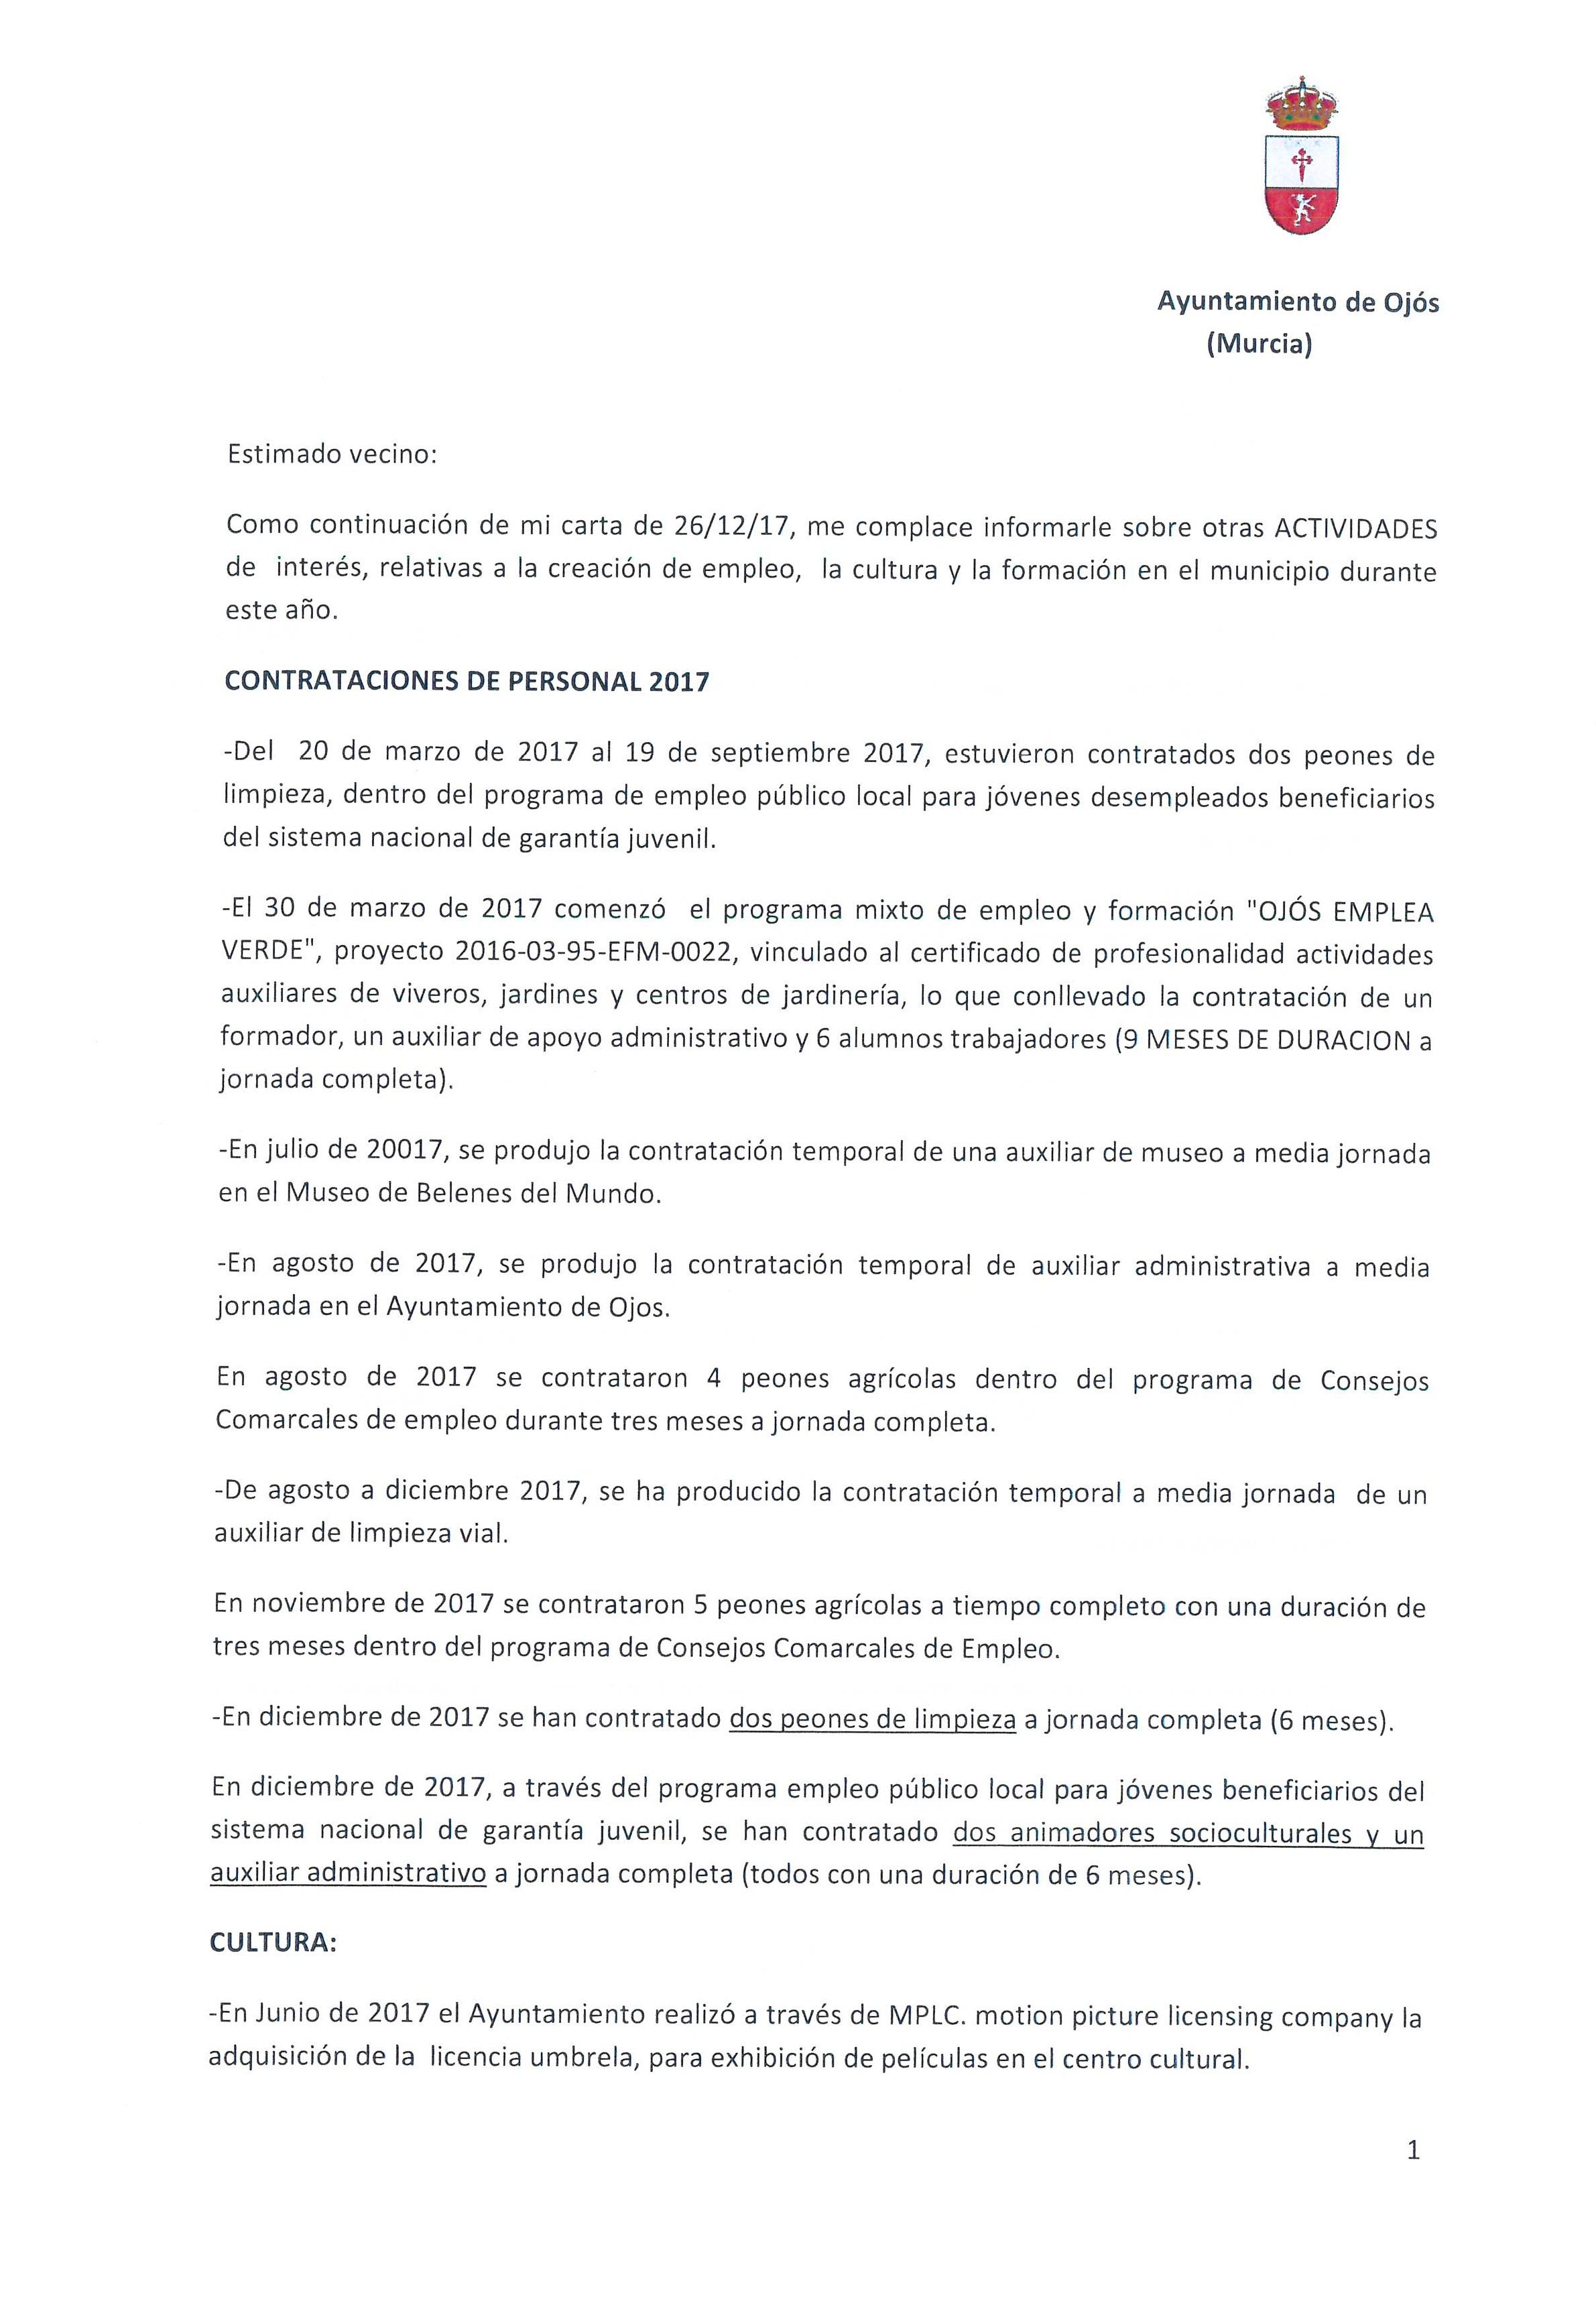 Ayuntamiento de Ojós - Ayuntamiento de Ojós